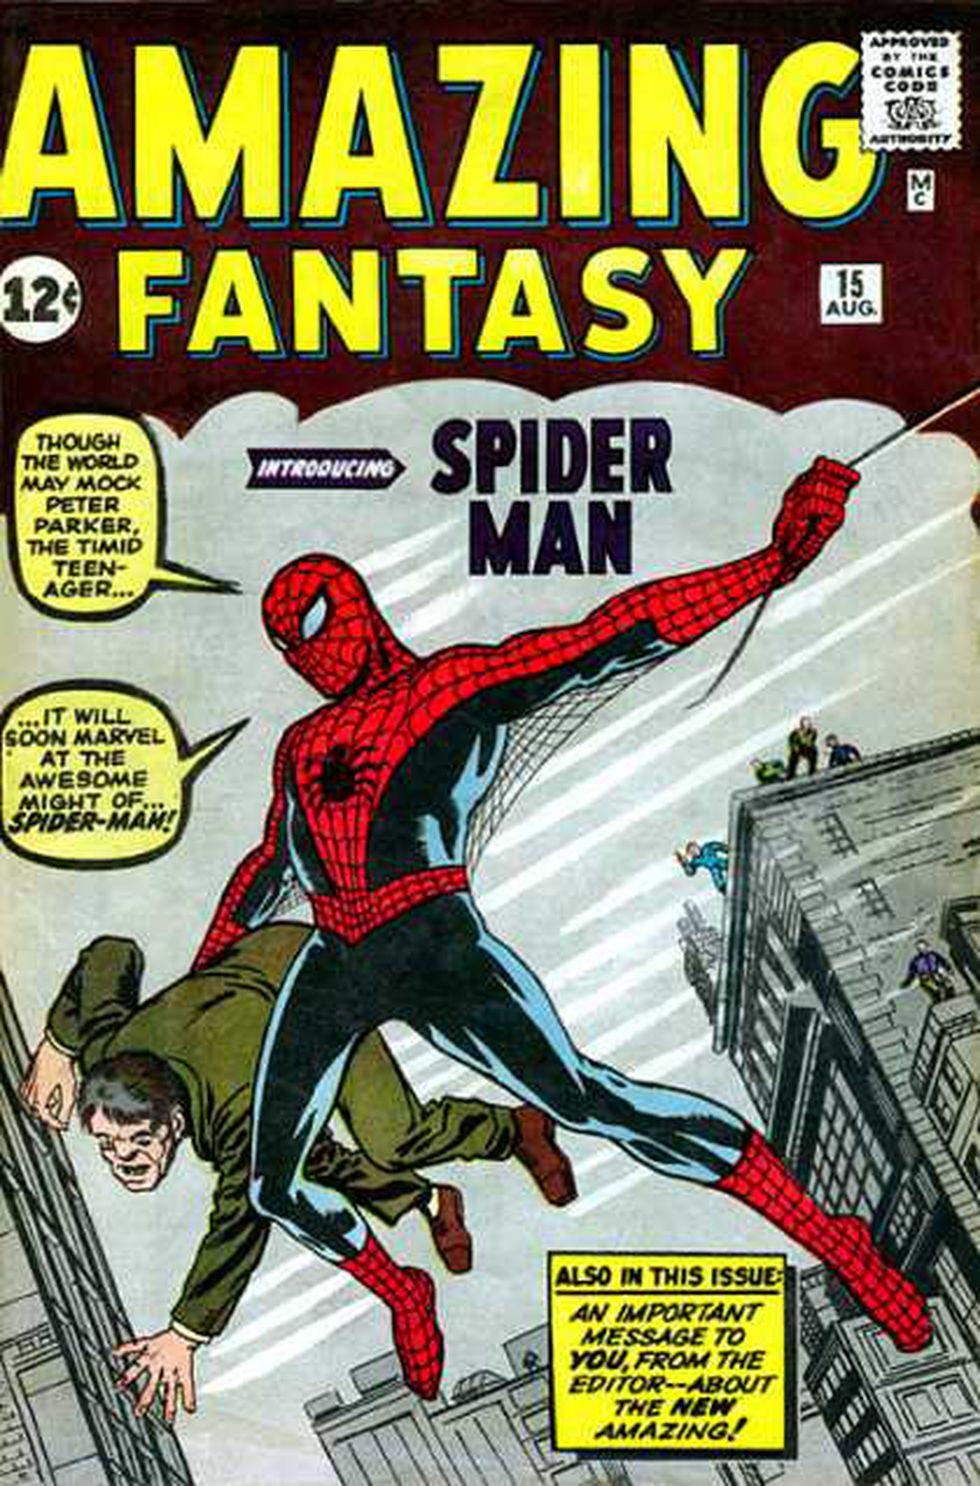 Amazing Fantasy 15, número en donde Peter Parker, el sorprendente Spider-man apareció por primera vez (Difusión).